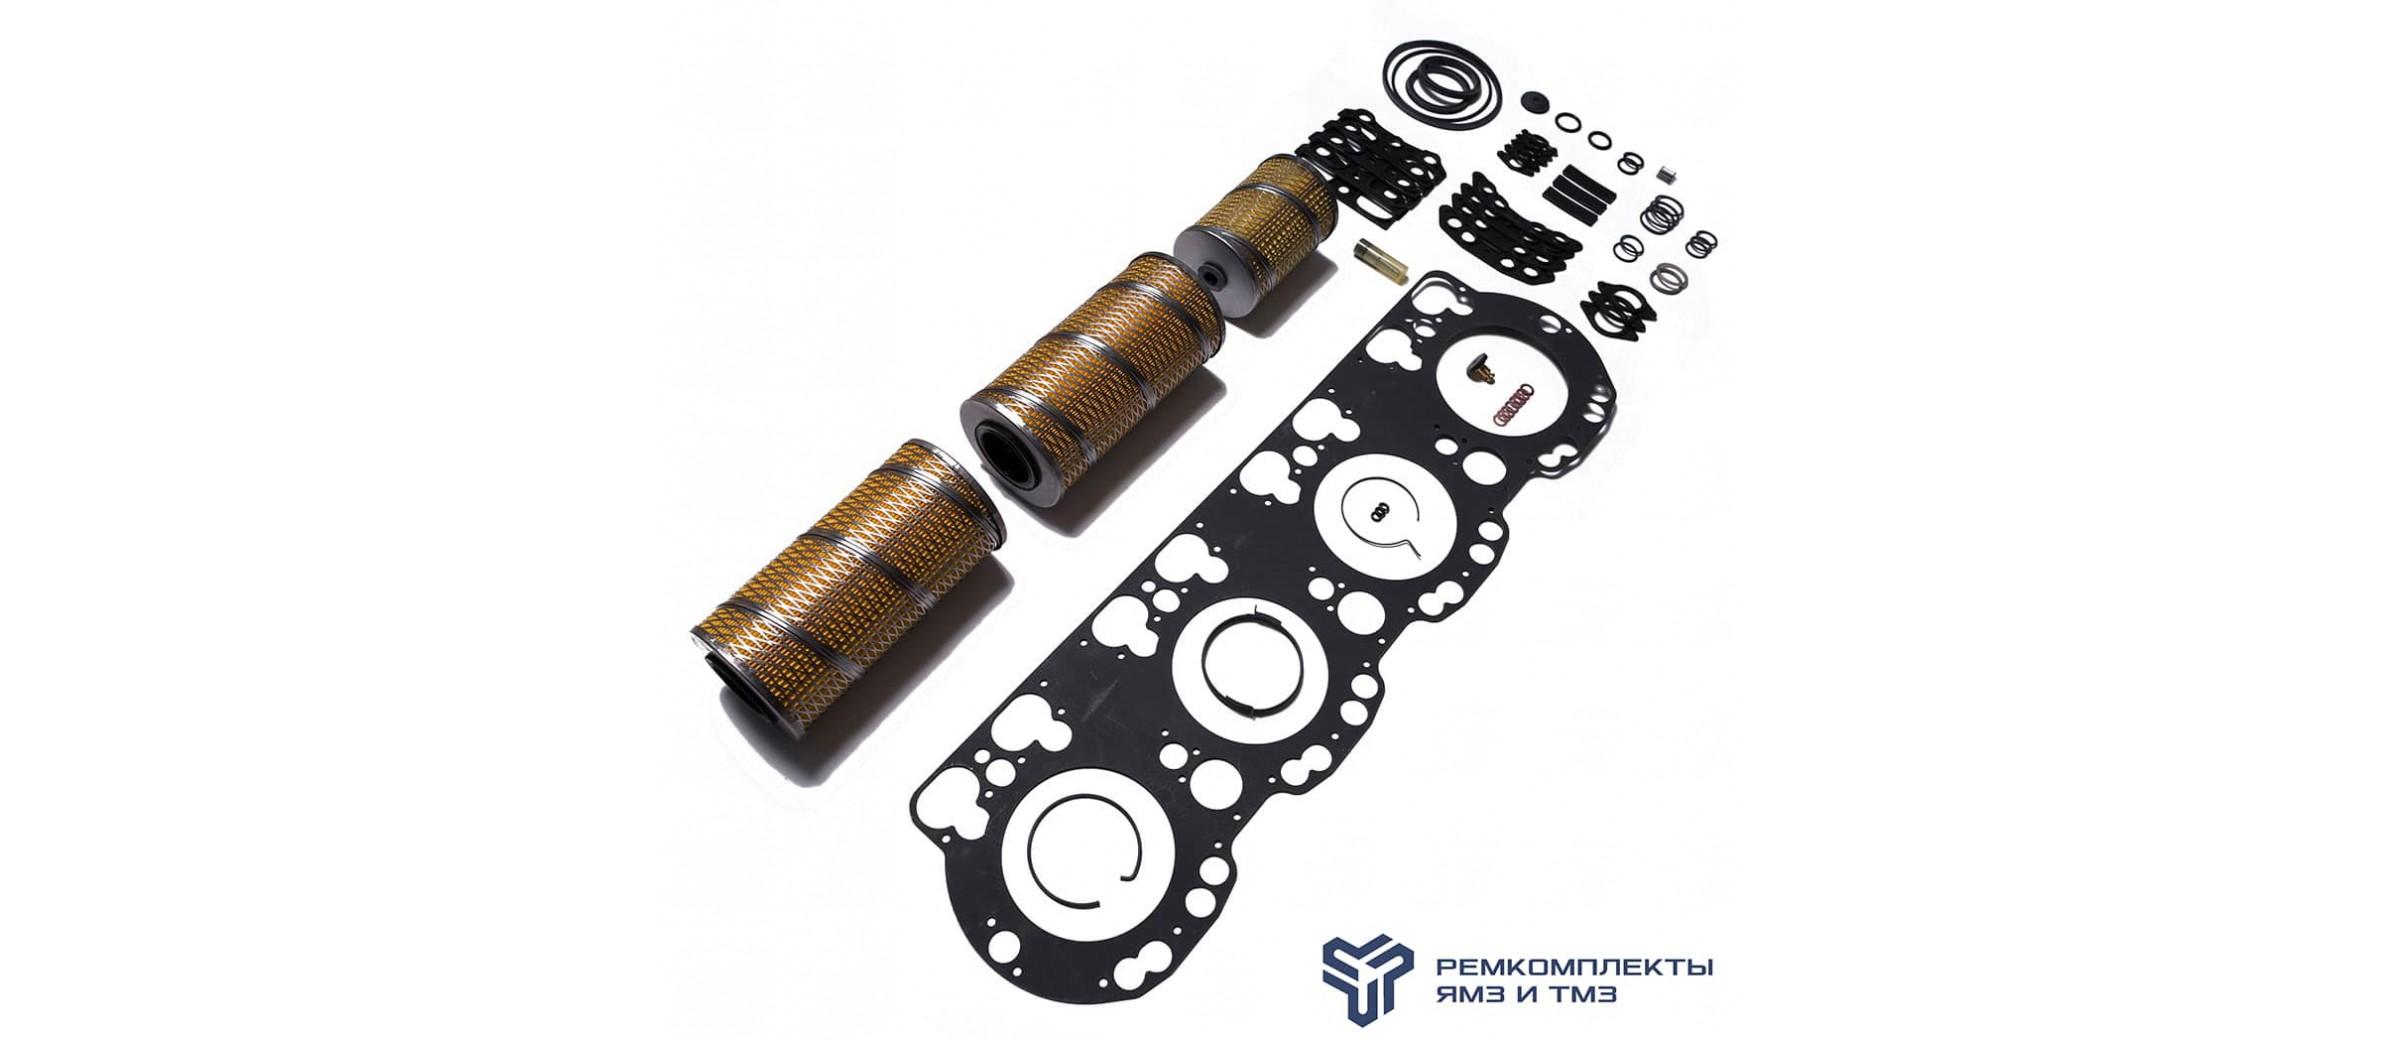 Комплект ЗИП на новый агрегат ЯМЗ-7511, 238ДЕ2